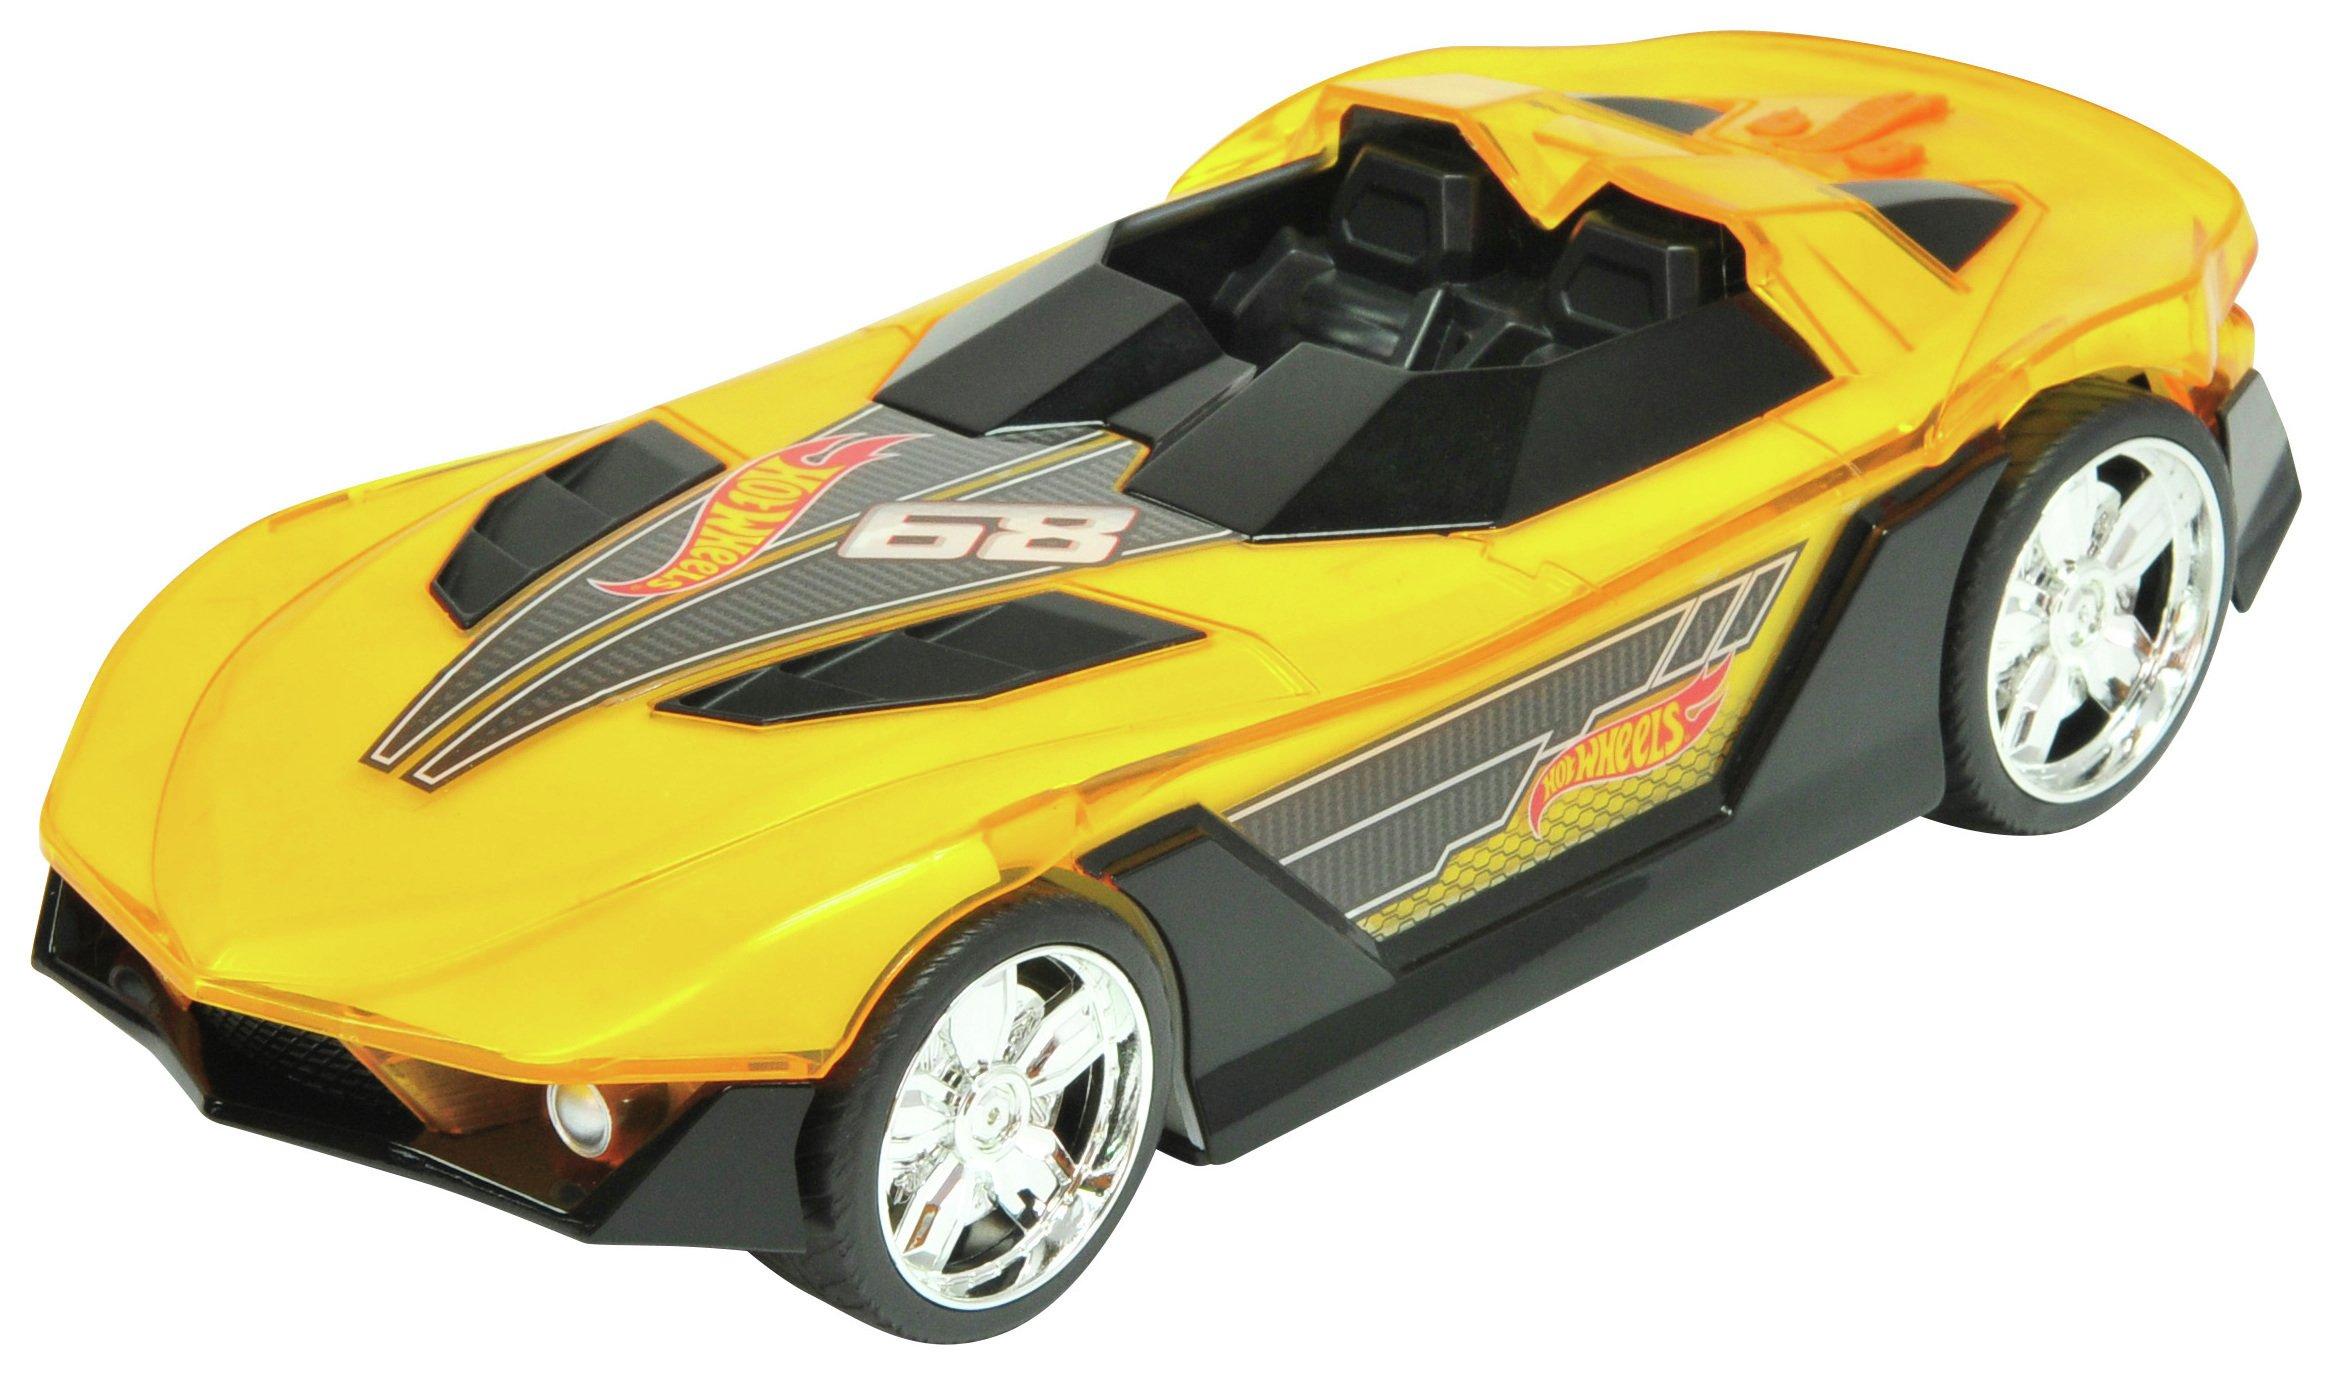 Image of Hot Wheels - Hyper Racer - Yur So Fast.